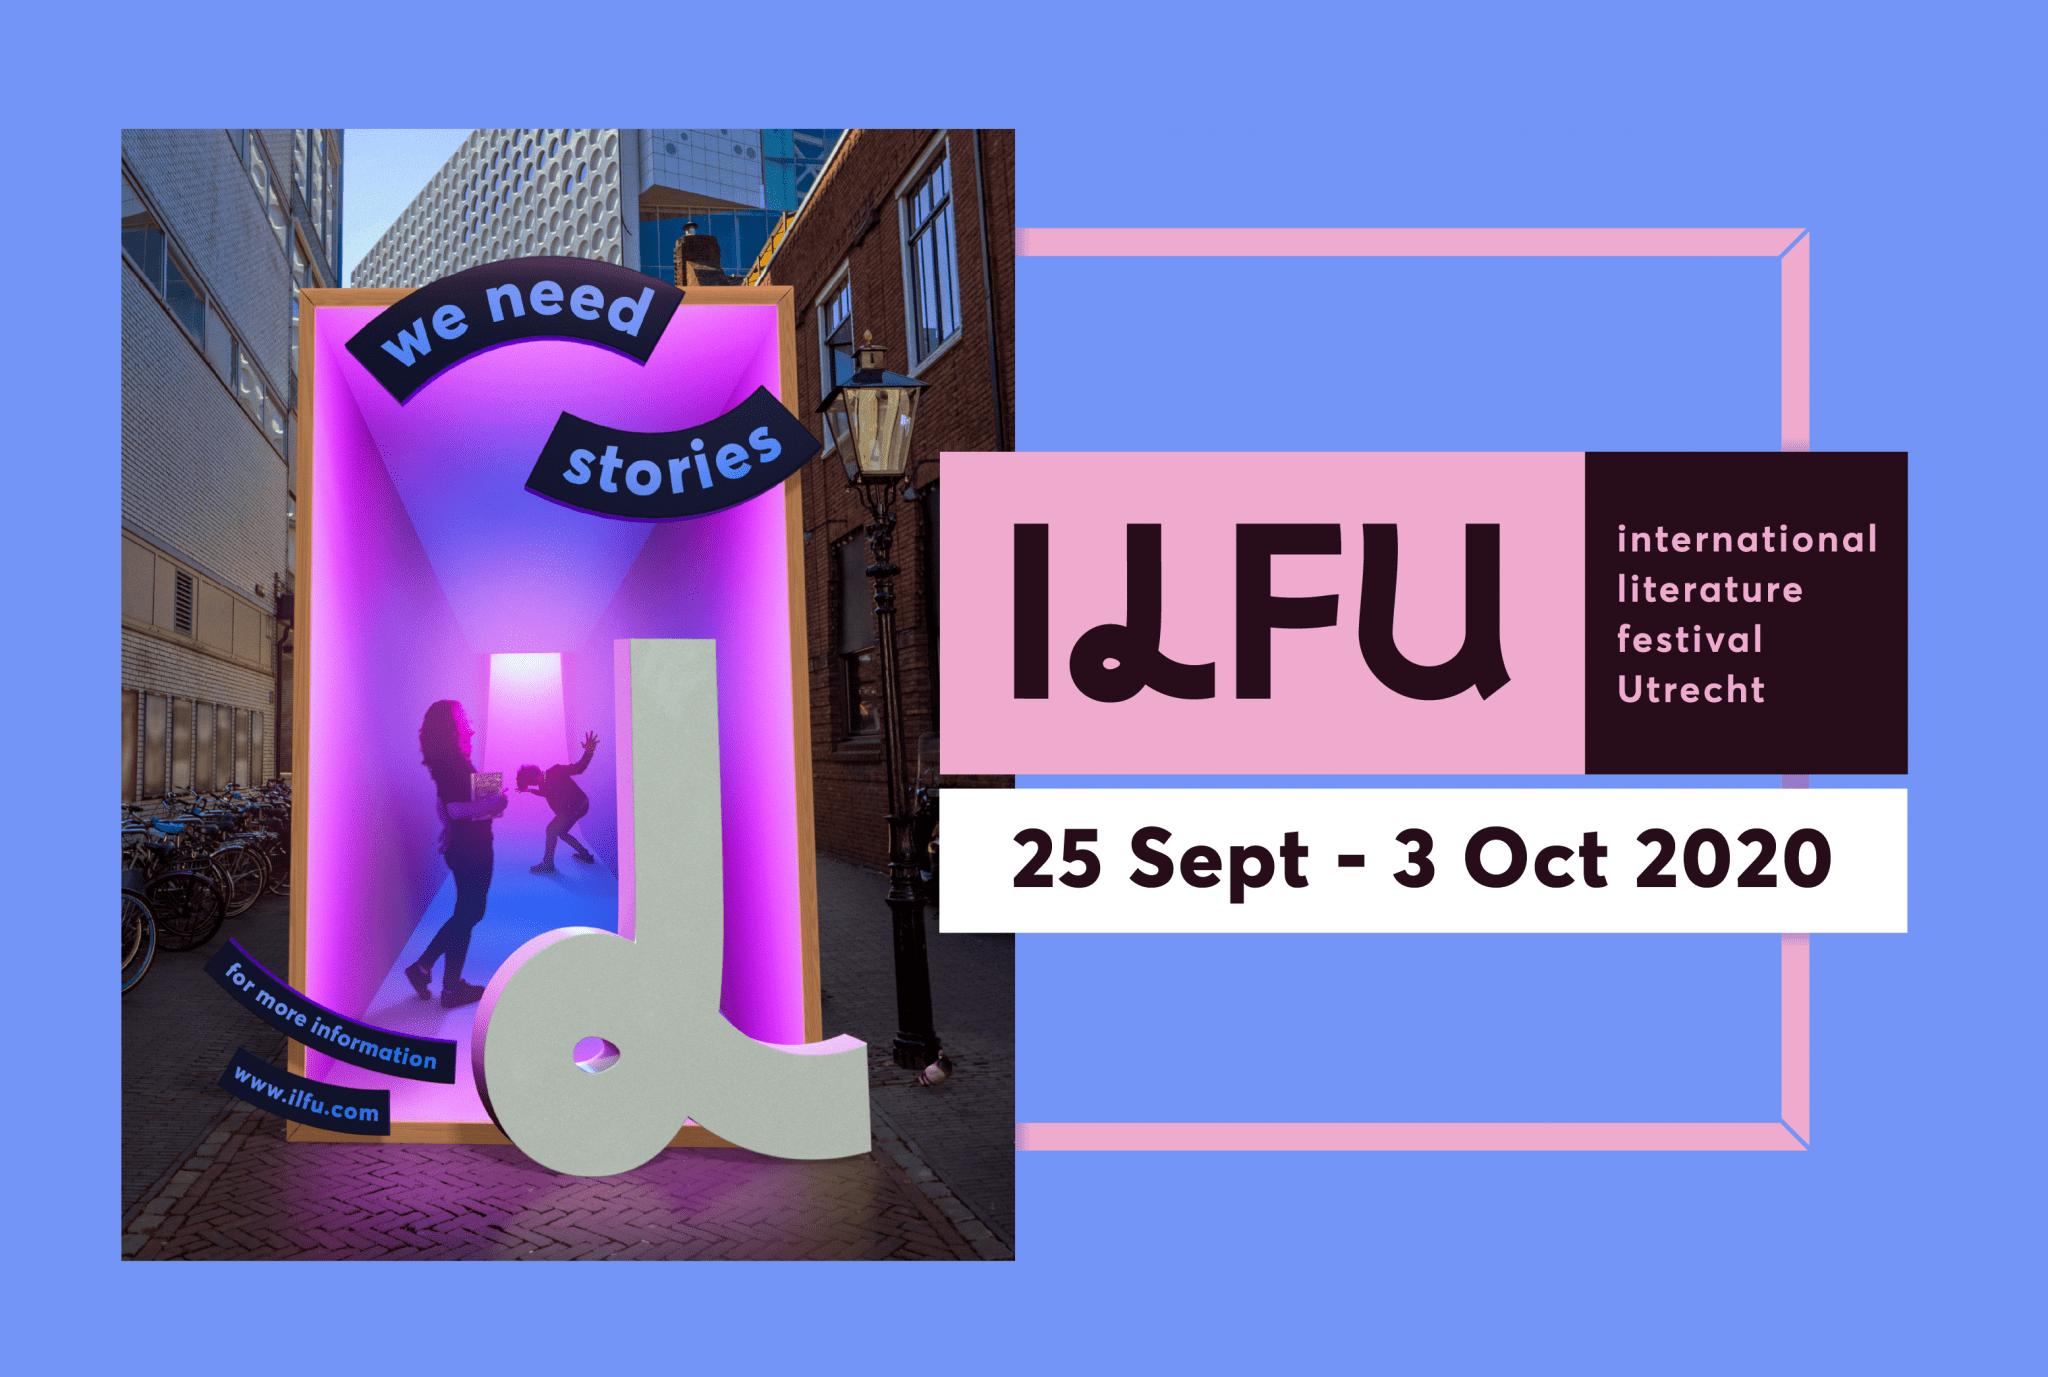 ILFU-2020-Webheader-EN@2x